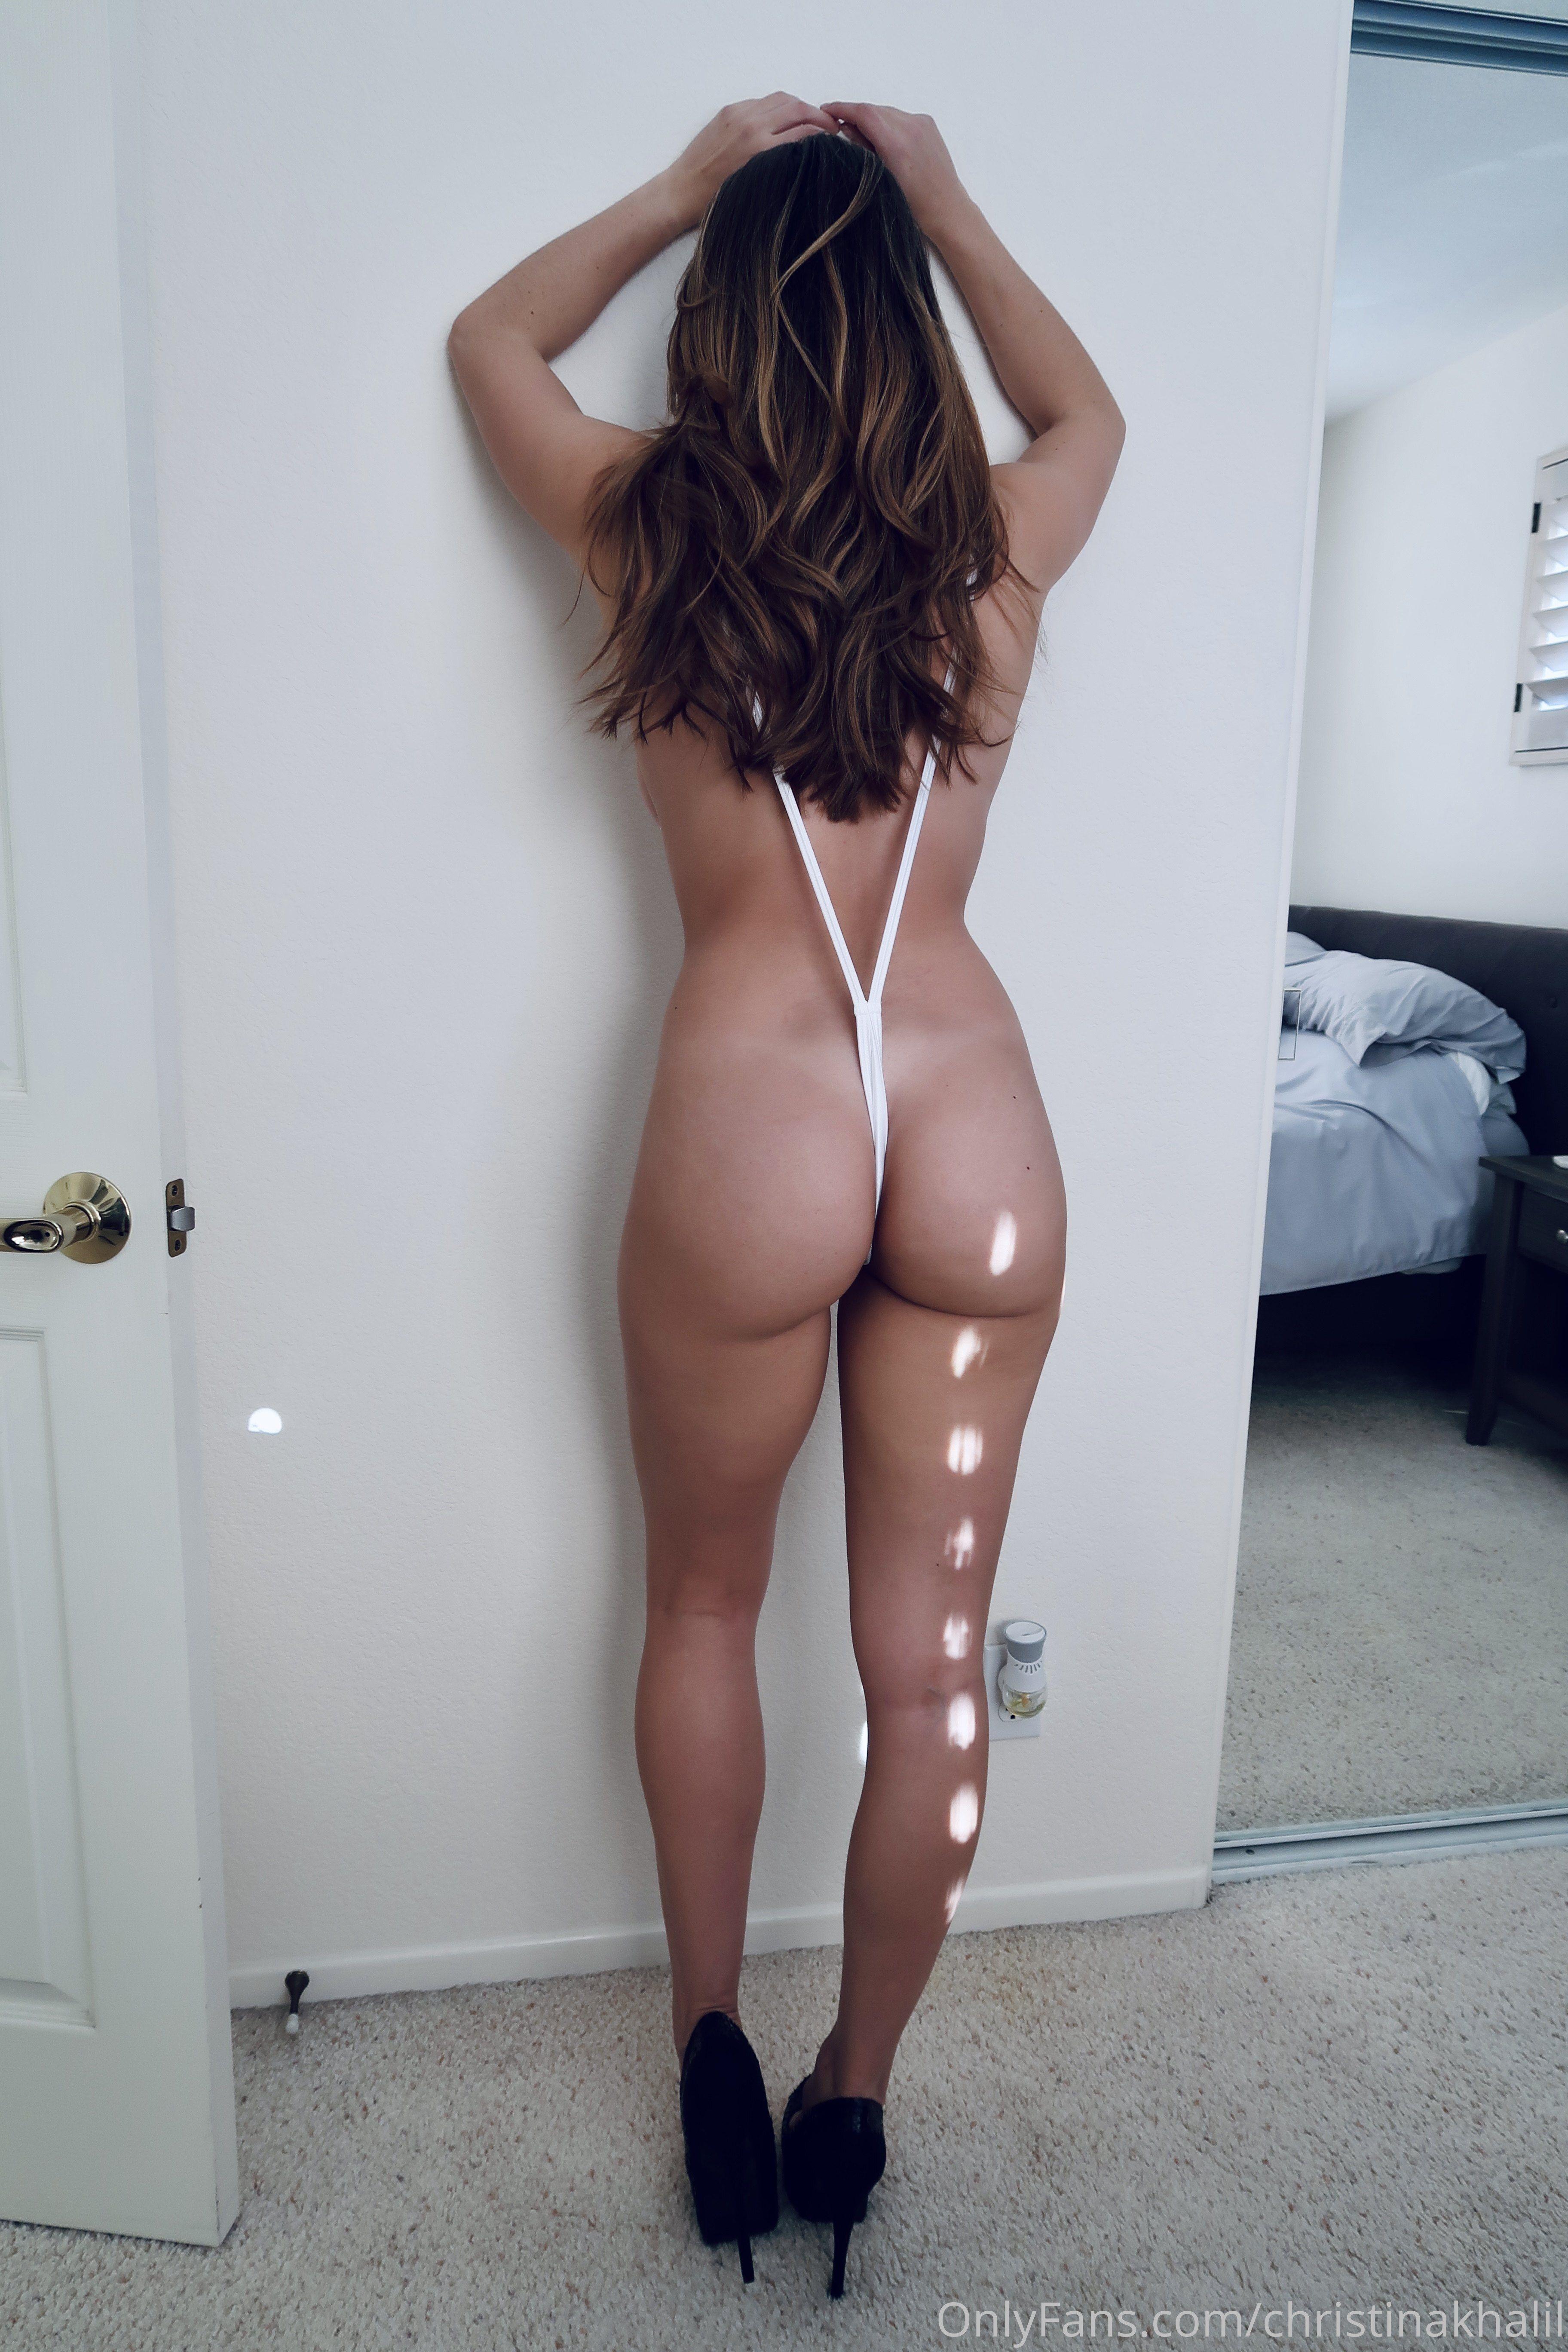 Christina Khalil White Hot Ck White Sling Bikini 0002